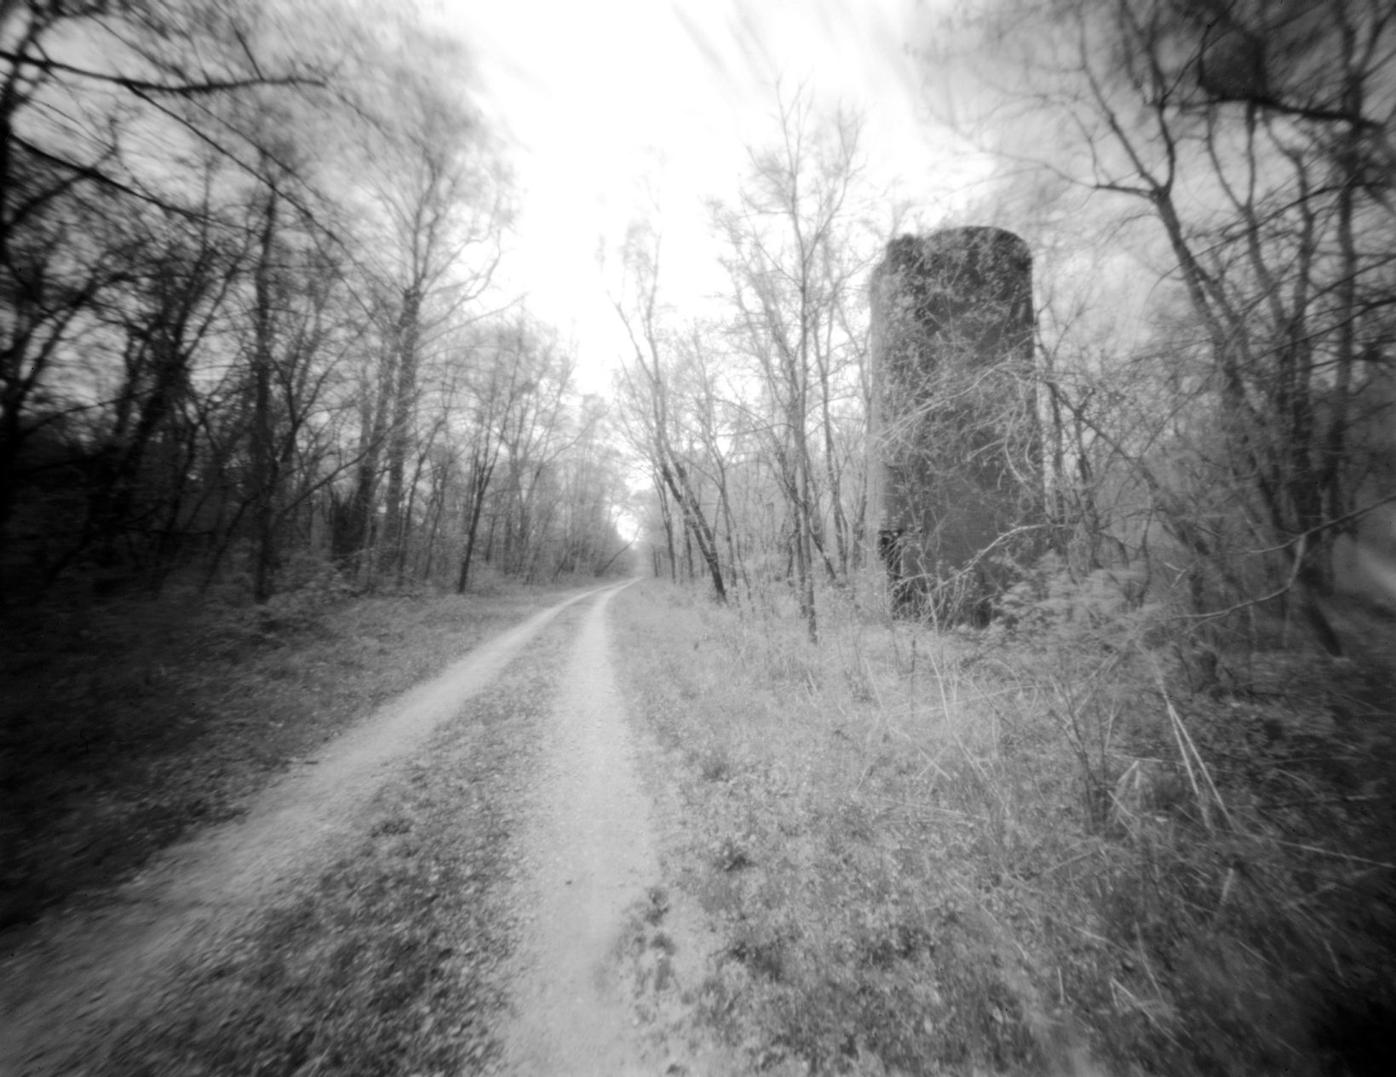 Abandoned silo